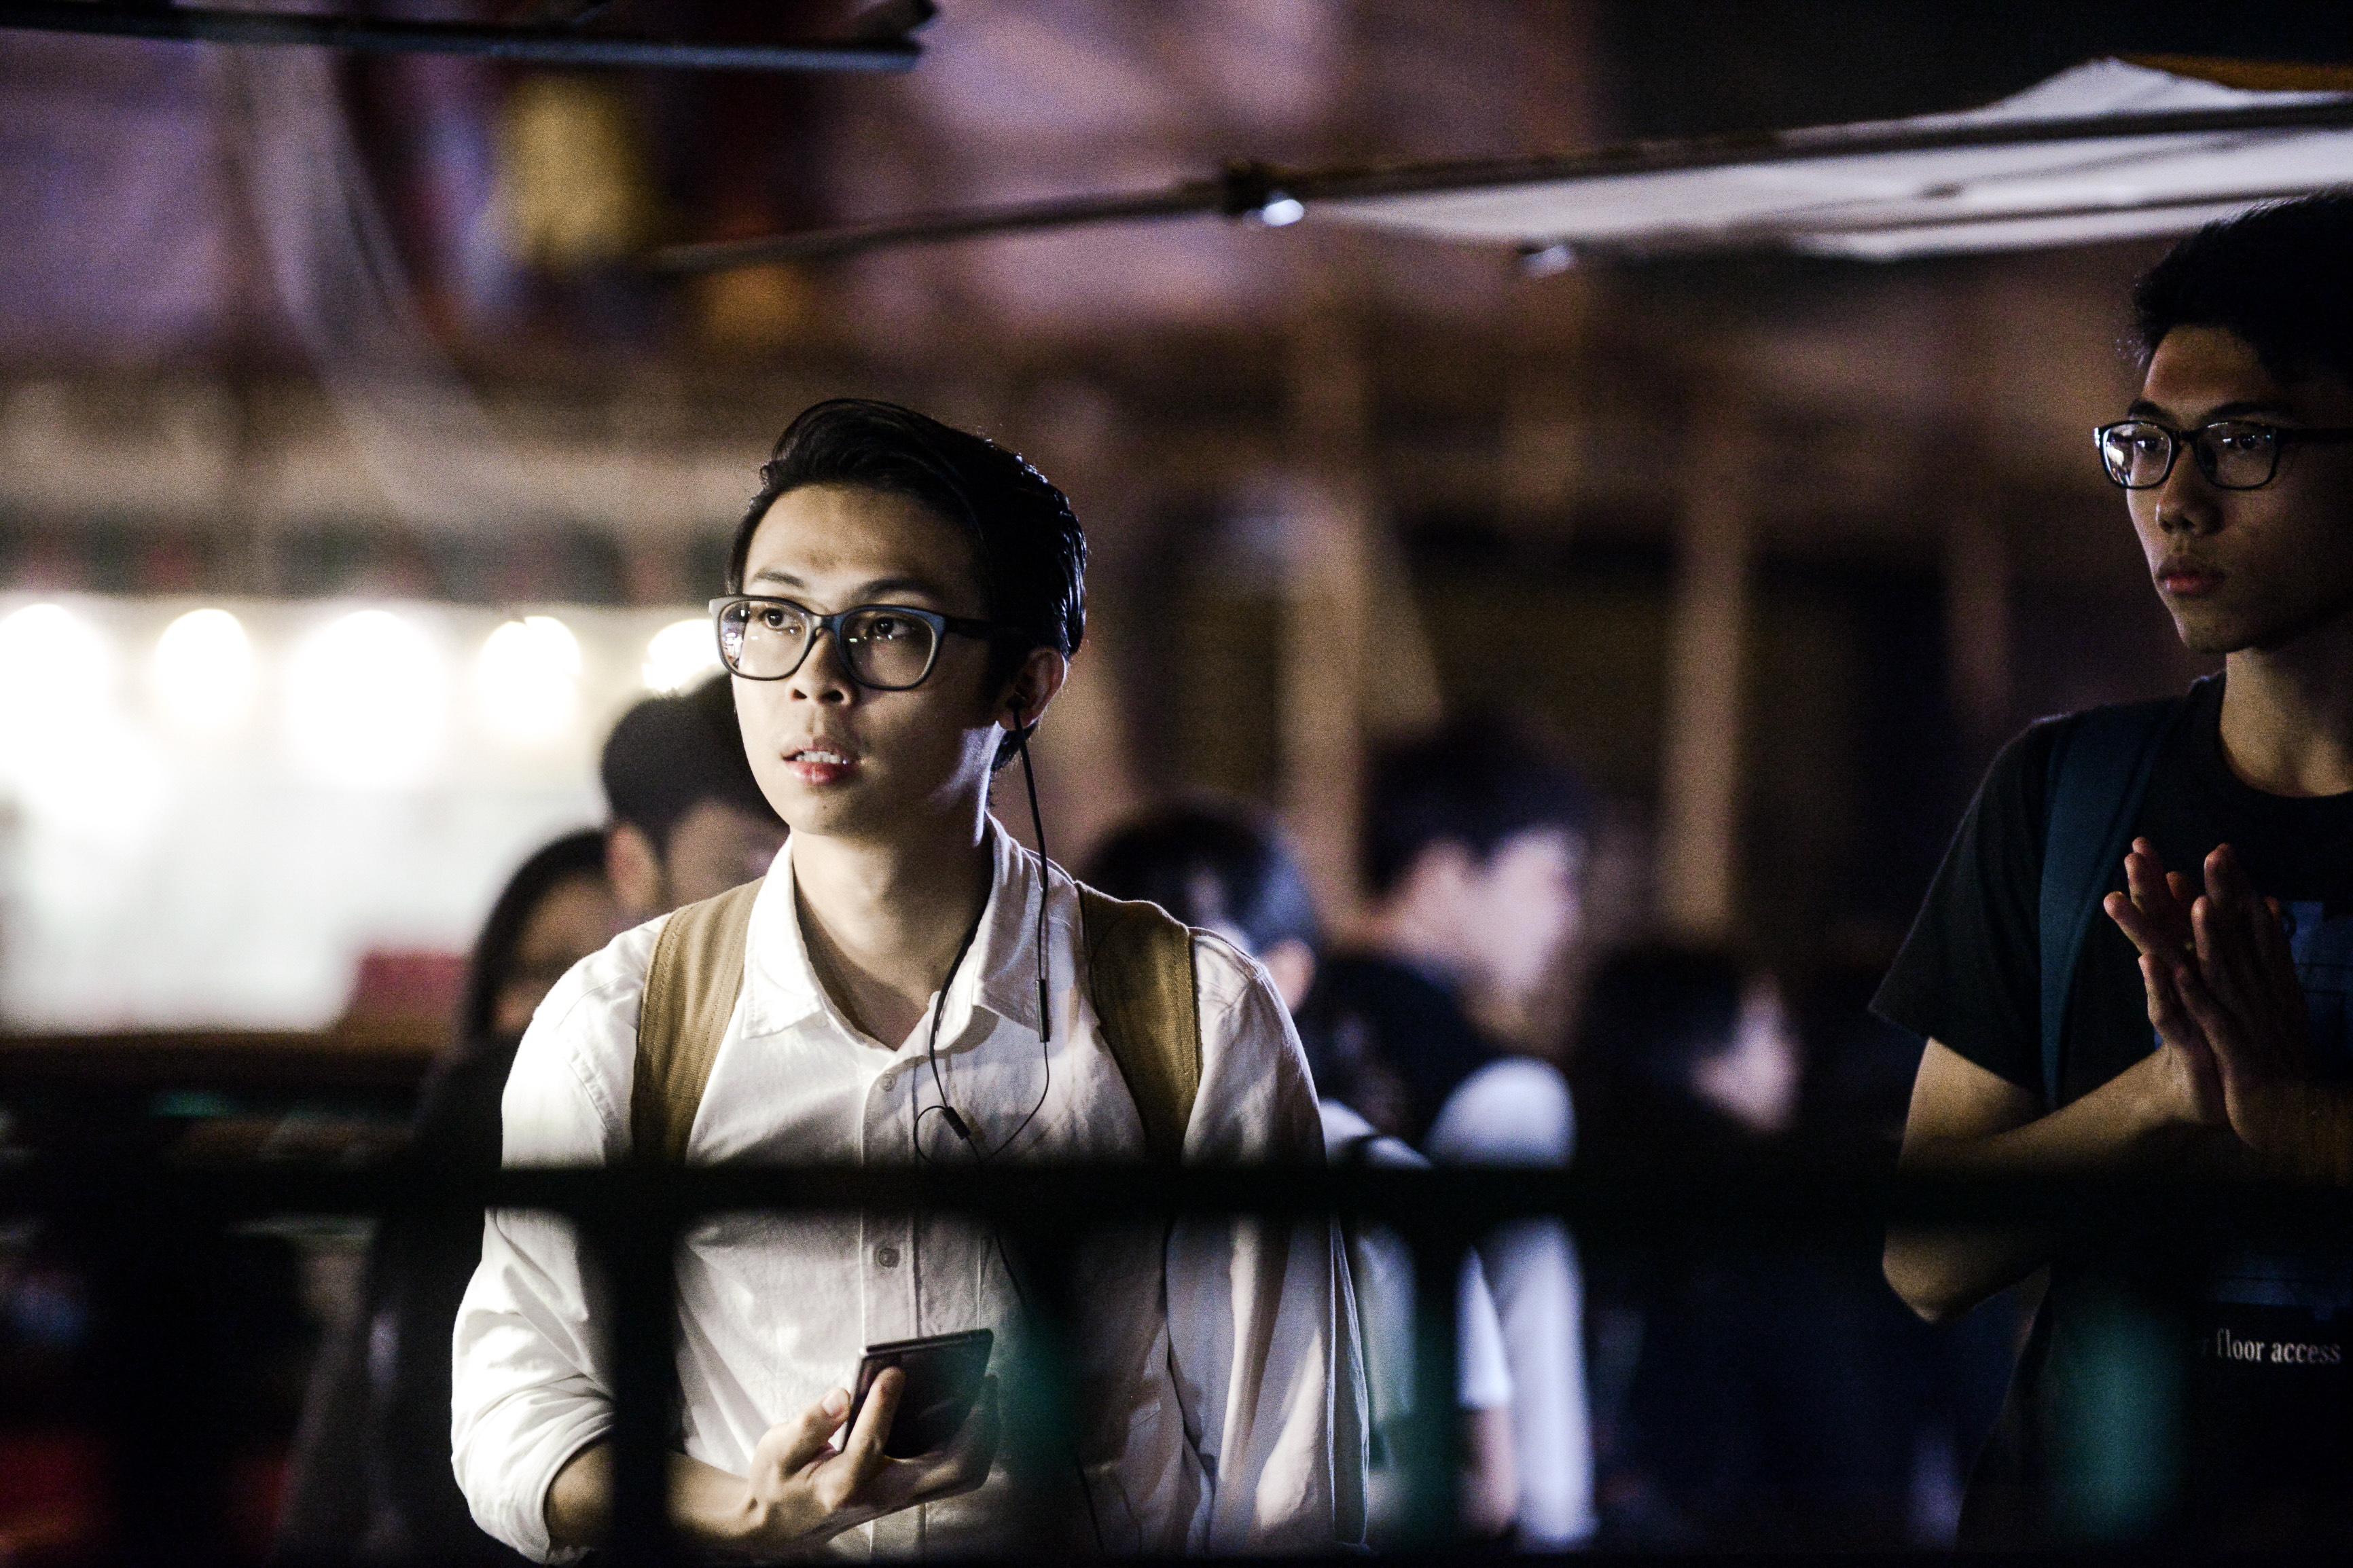 《消失的海岸線》/人物:趙展禧/類別:《消失的海岸線》、演出/攝影:Fung Wai Sun/(天台製作 • 香港專業劇團)